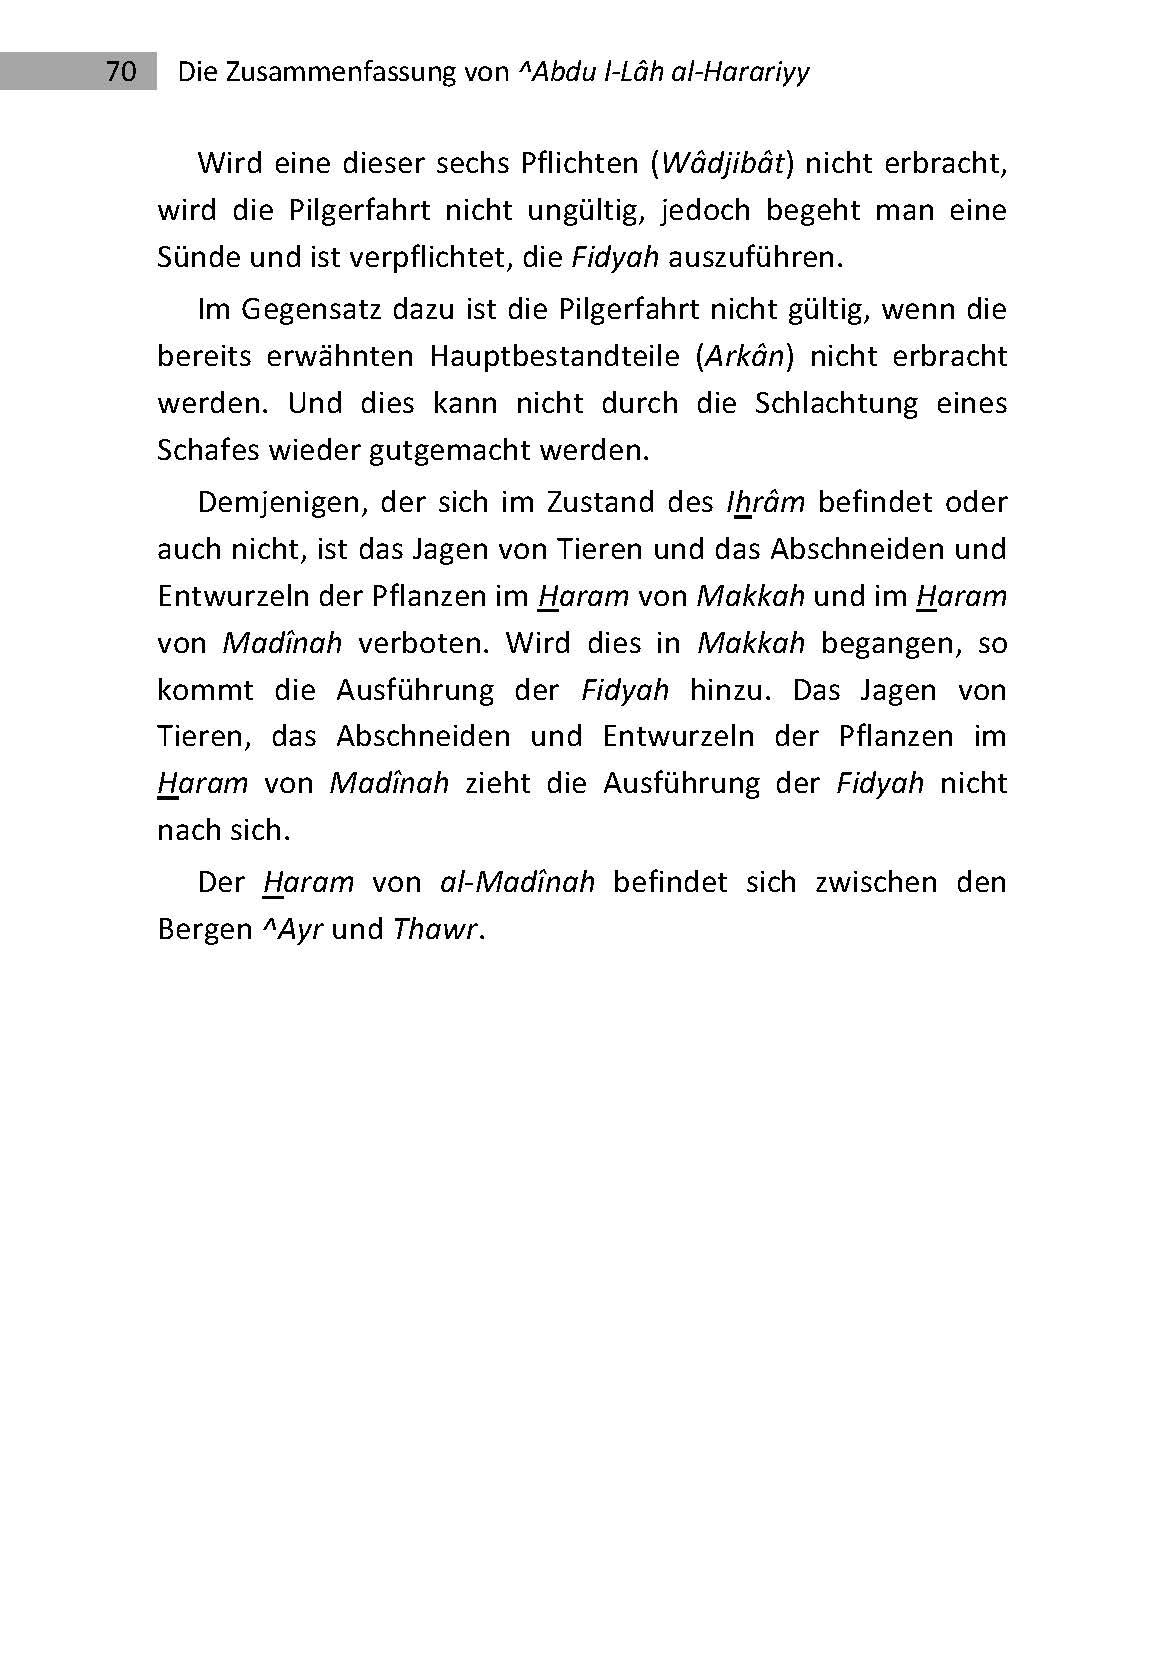 Die Zusammenfassung - 3. Auflage 2014_Seite_70